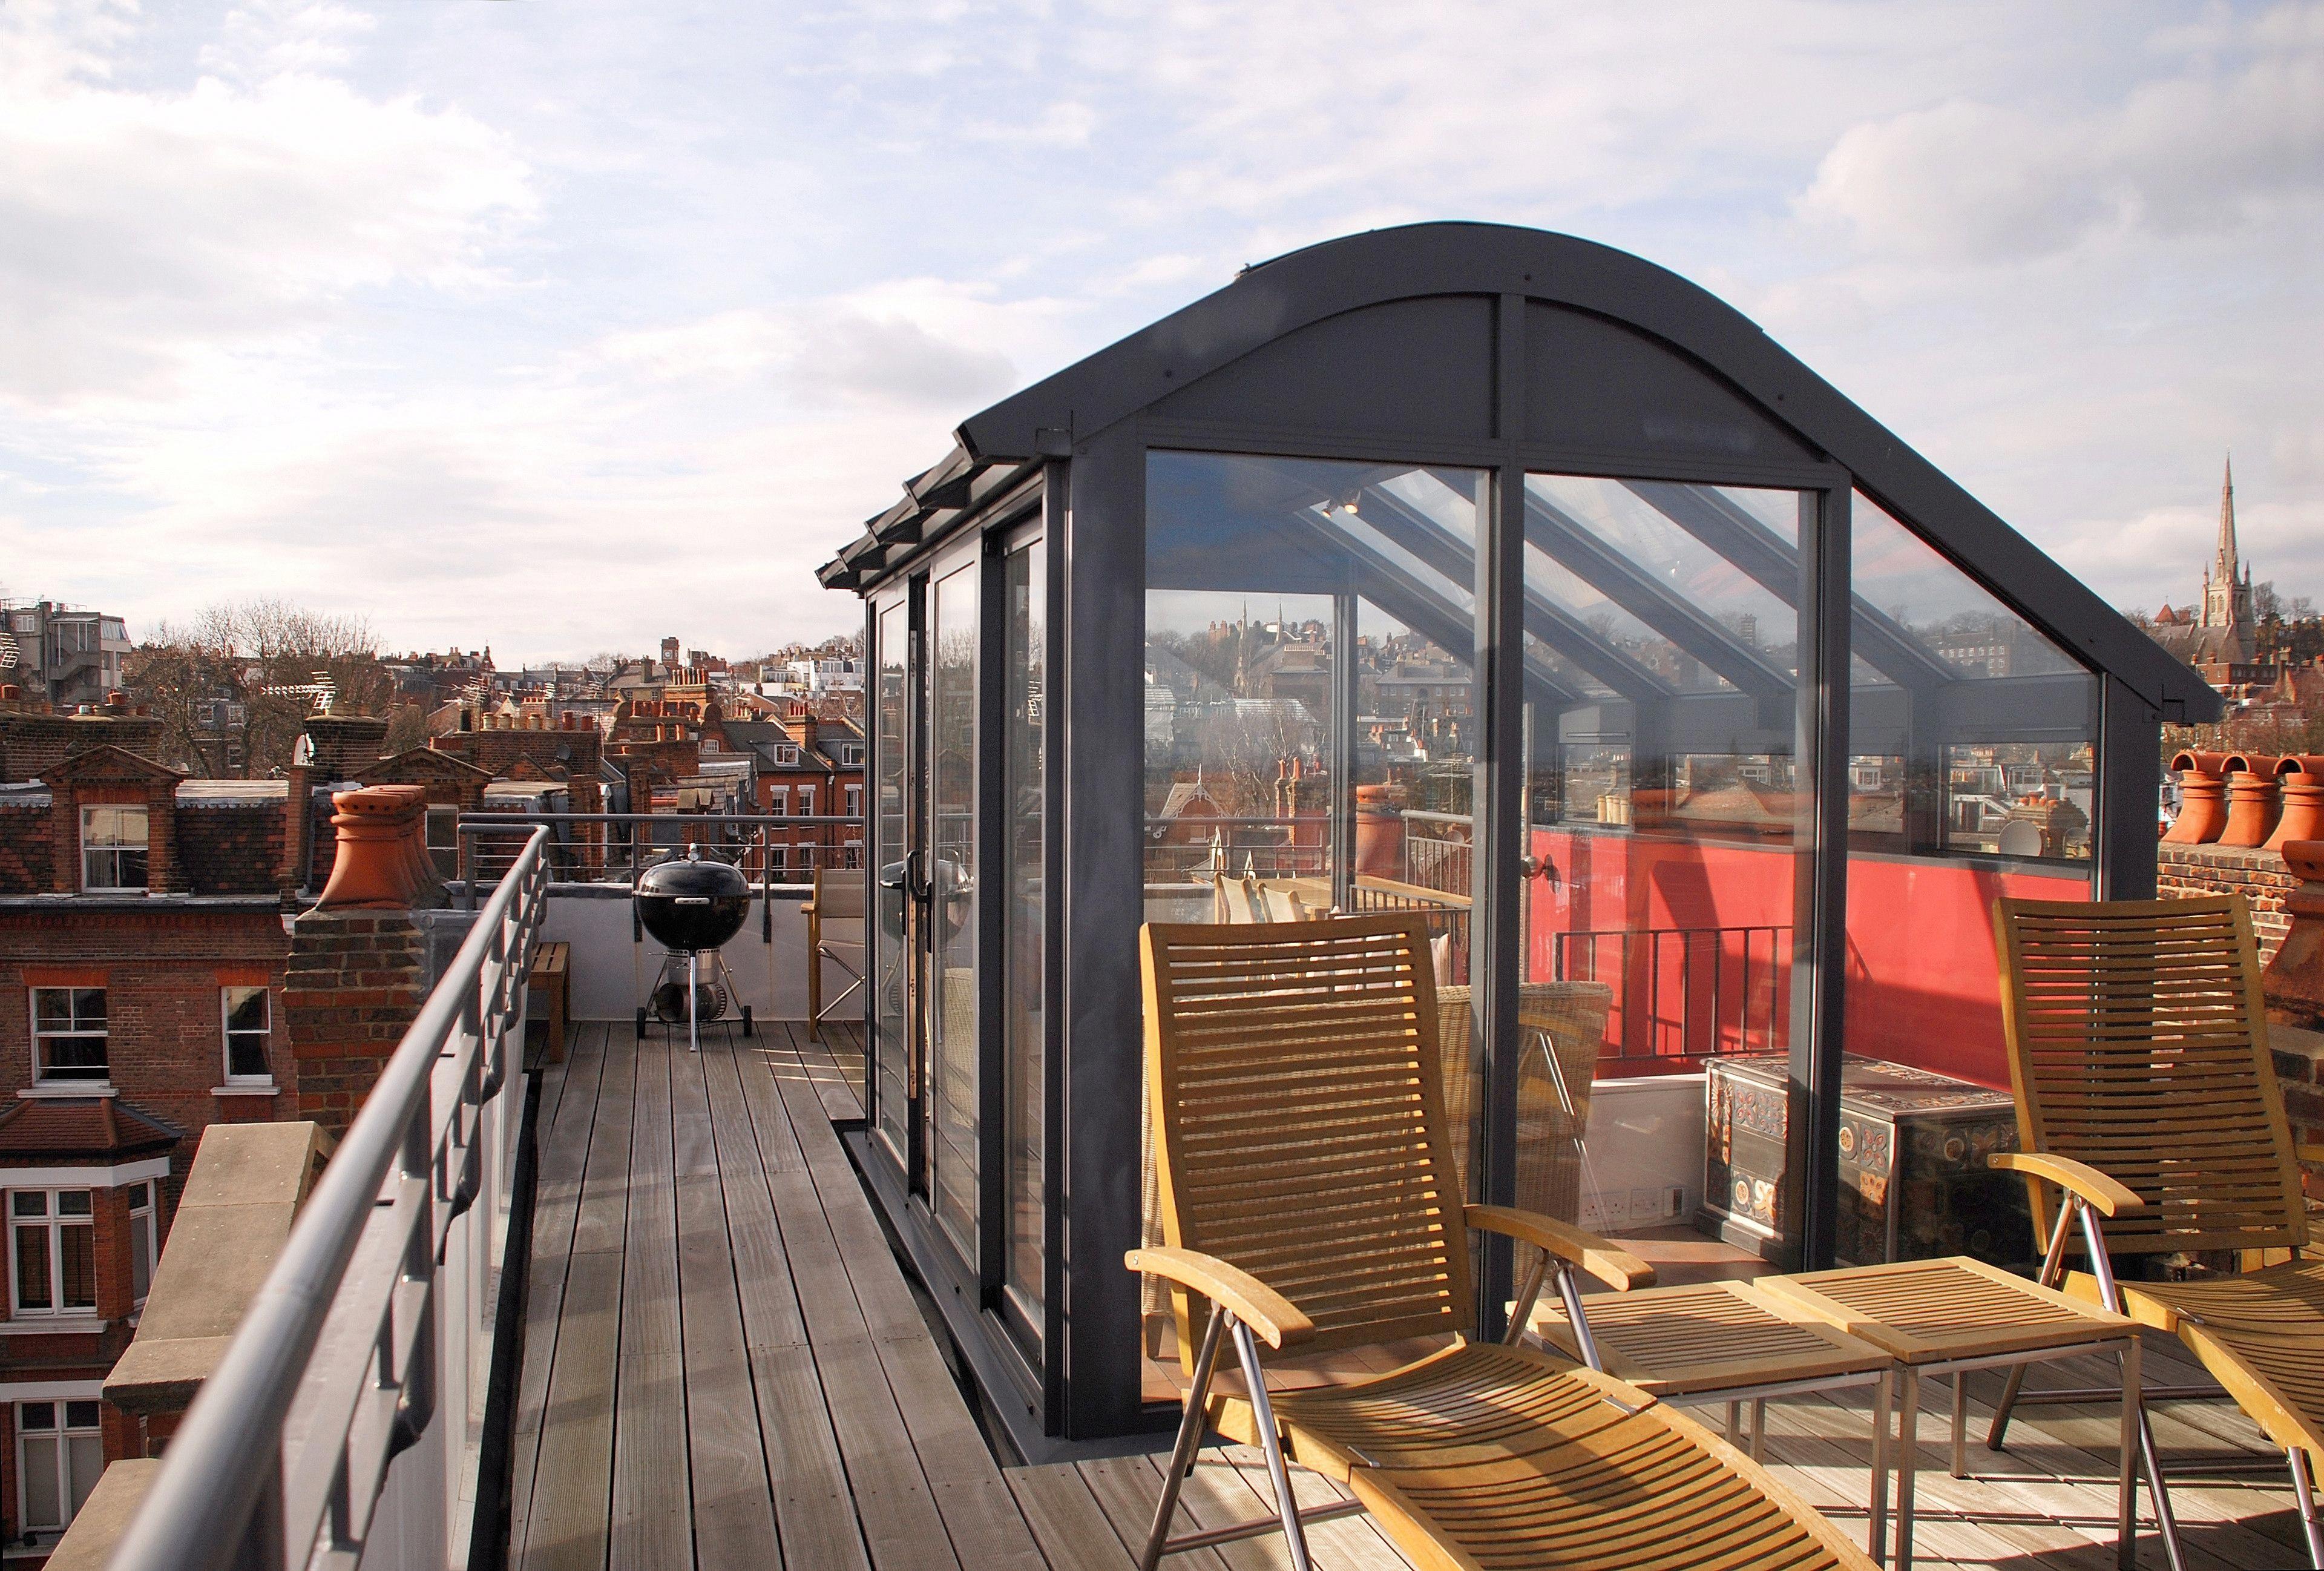 кафе с теплицей на крыше артплей фото чаши обрамляют дугообразные